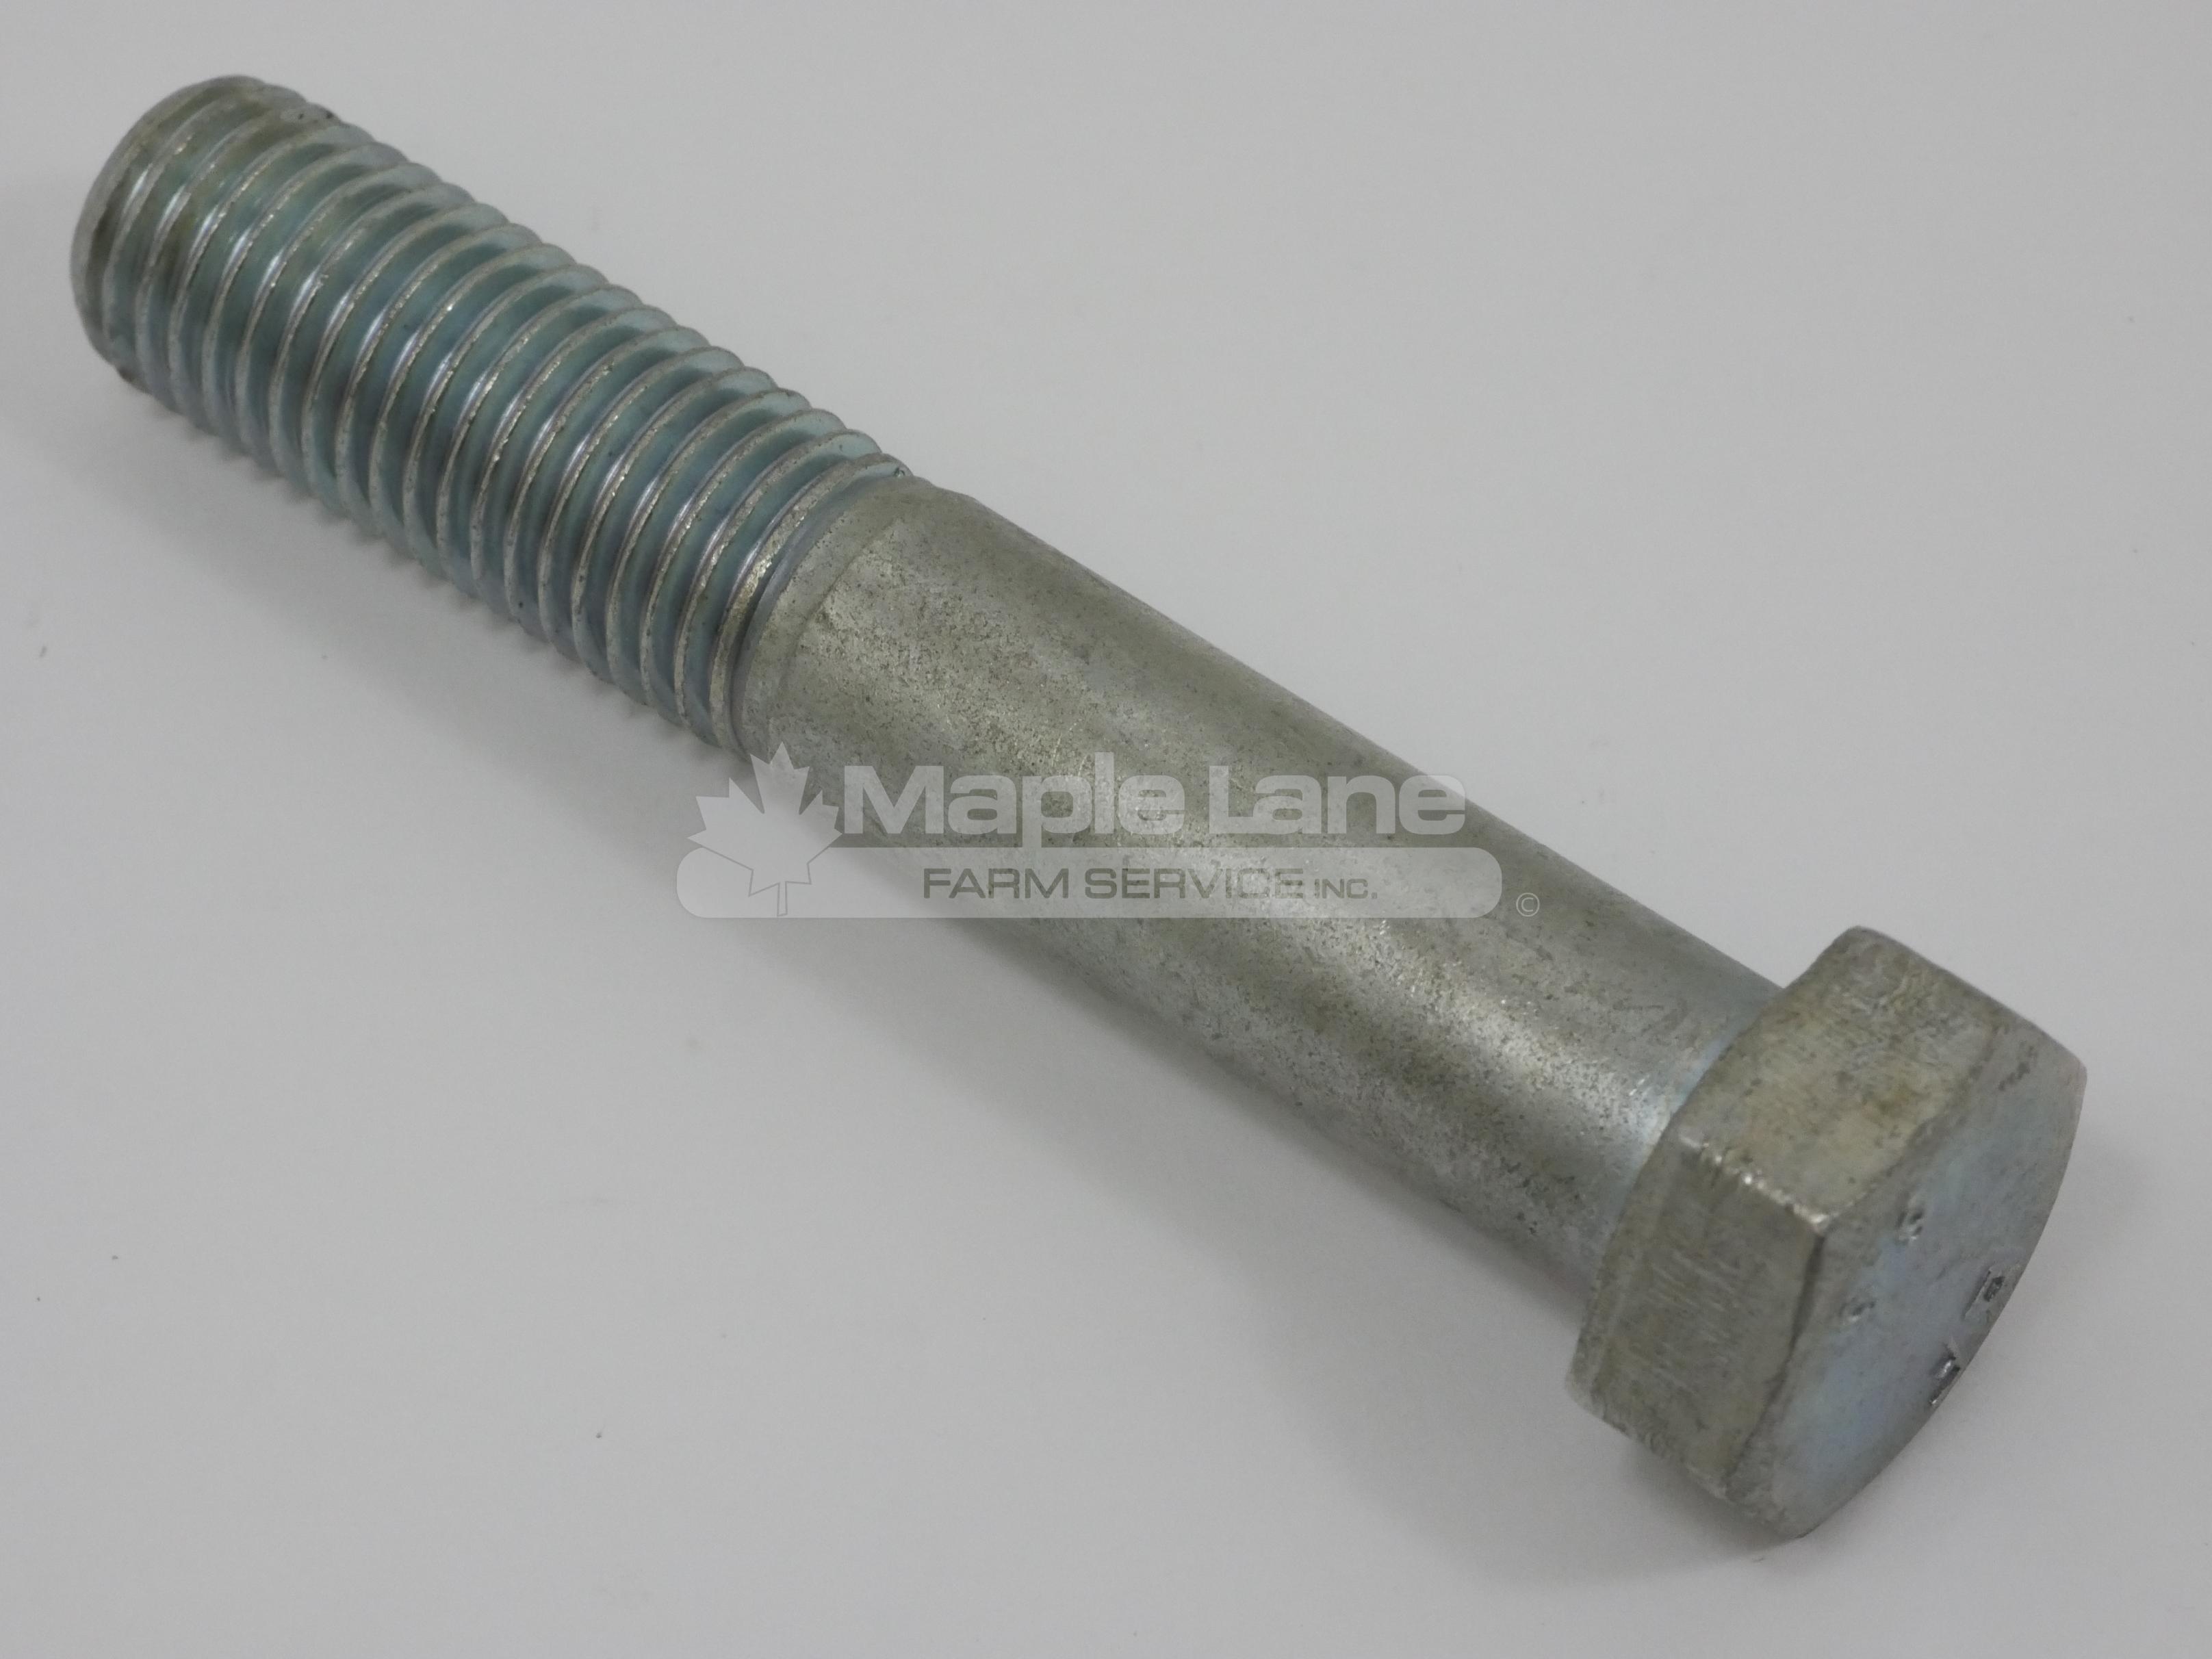 339182X1 Hex Cap Screw M16-2.0 x 90